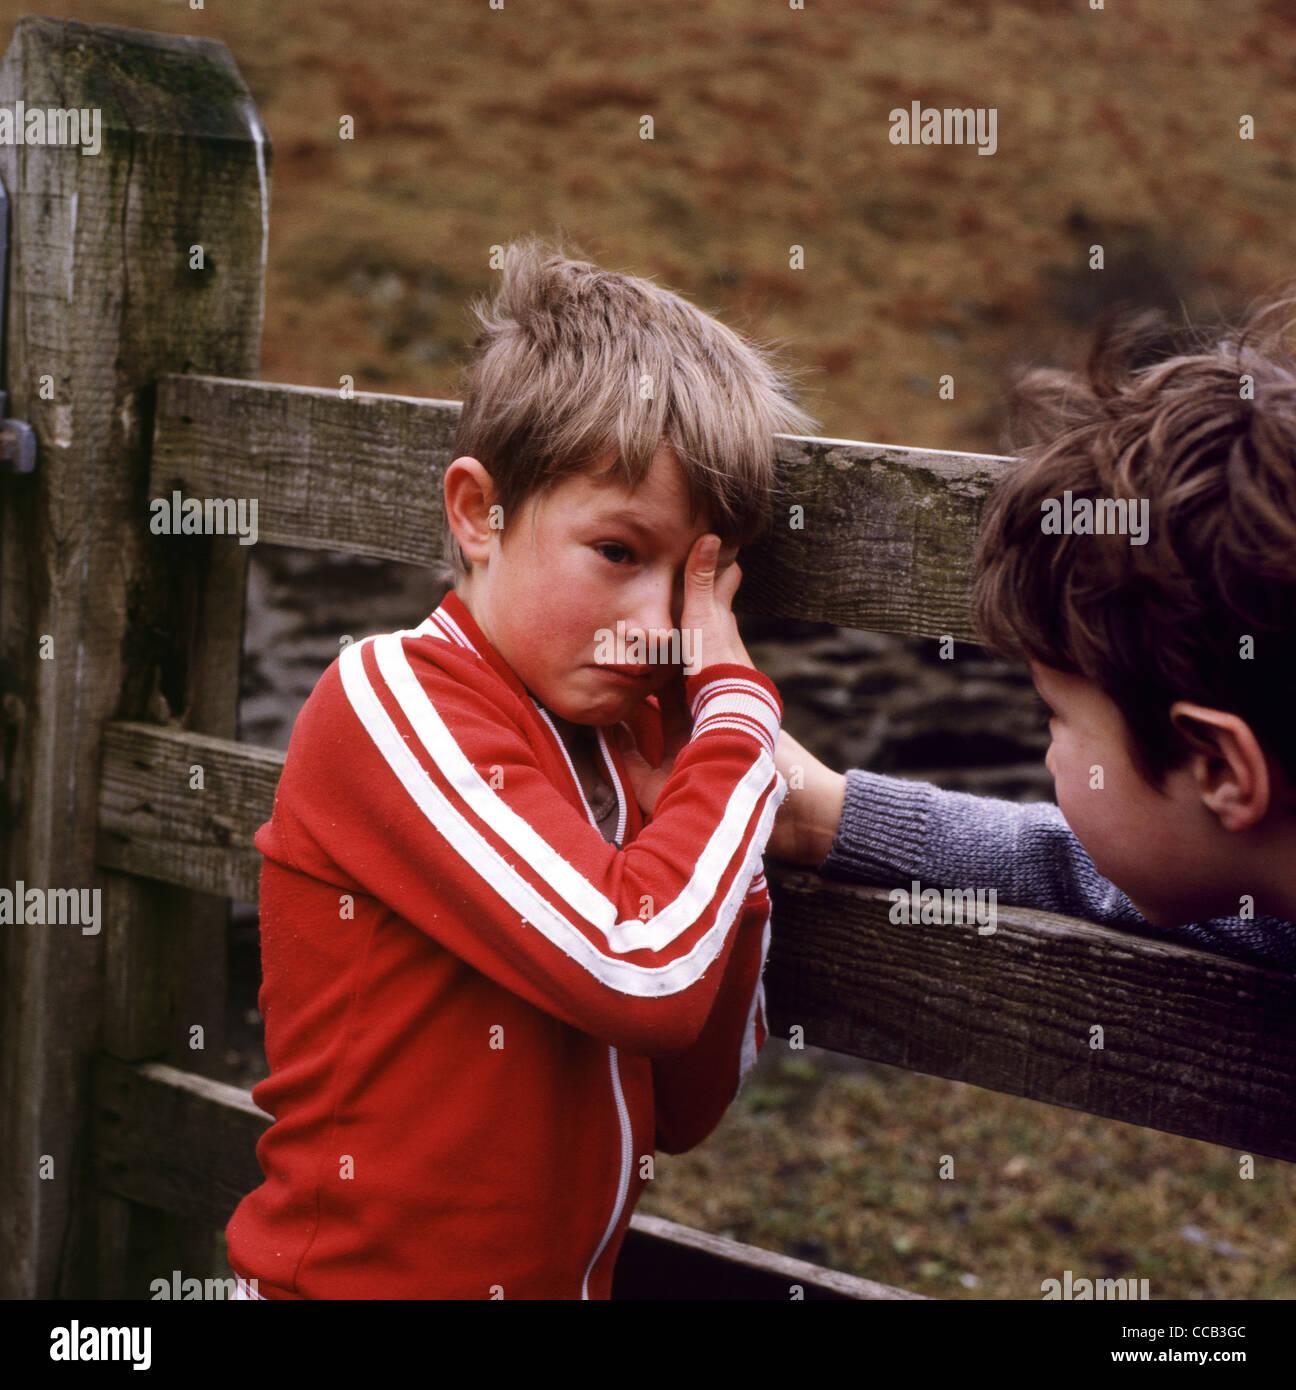 Chico de escuela en lágrimas se muestra compasión y empatía y confortado por un amigo por una puerta Imagen De Stock